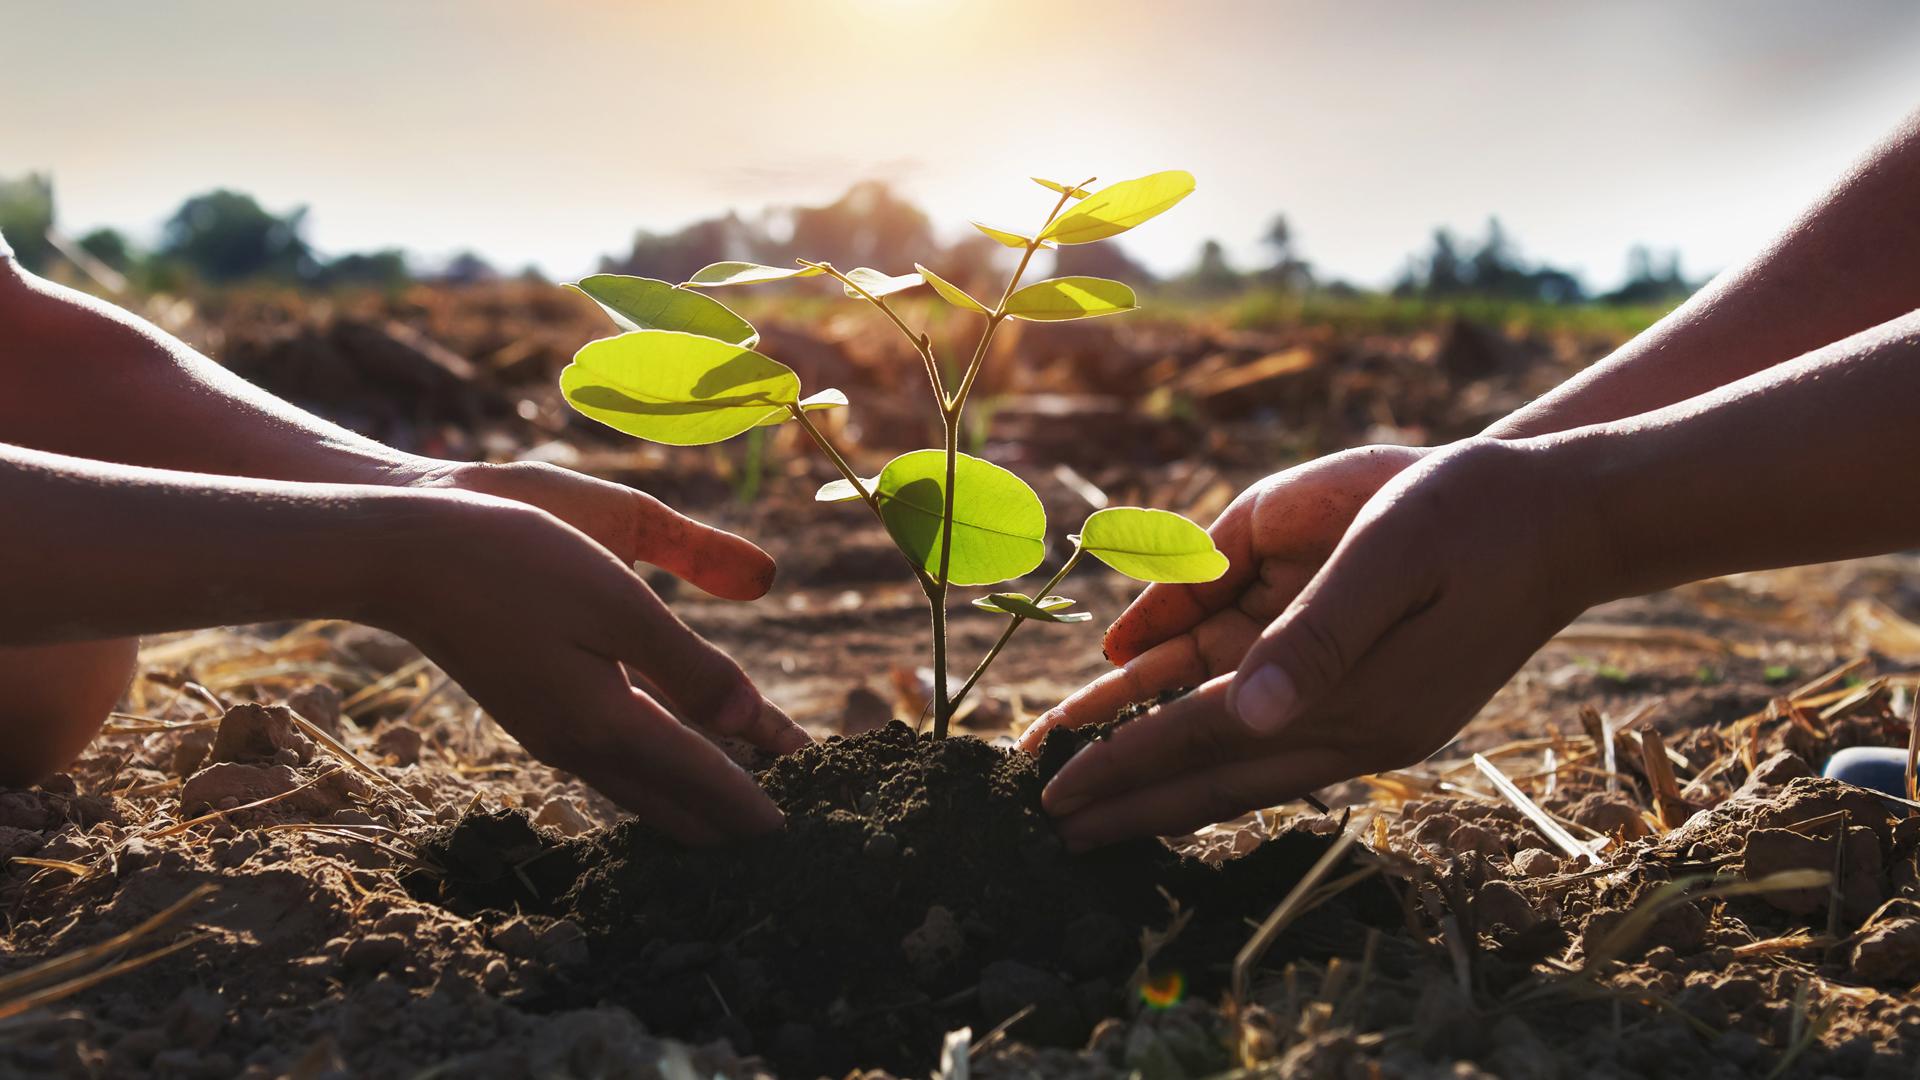 Zwei Händepaare pflanzen gemeinsam einen Baum in der Erde, im Hintergrund geht die Sonne auf.